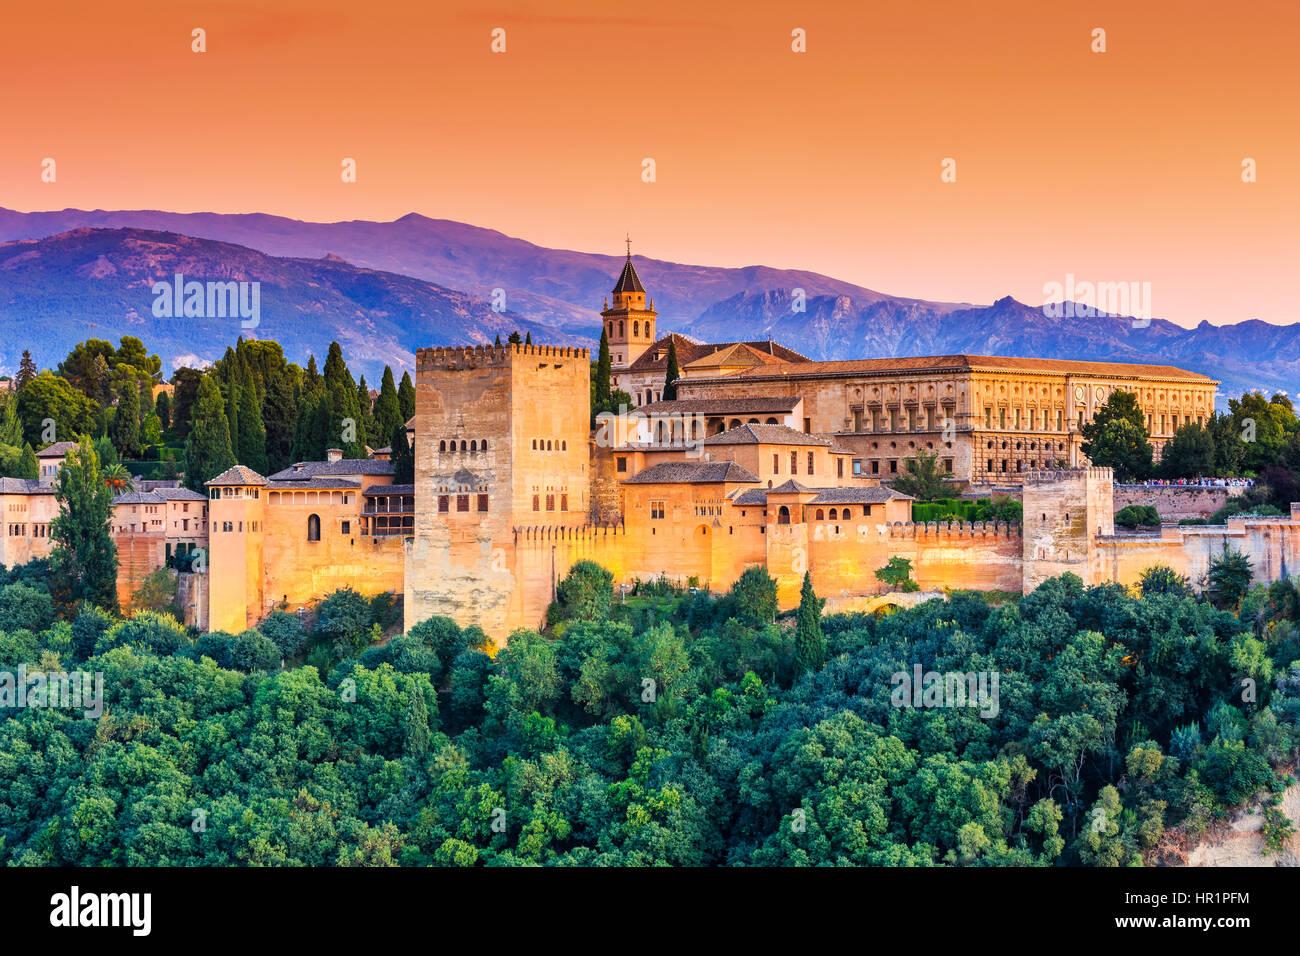 Alhambra von Granada, Spanien. Alhambra-Festung bei Sonnenuntergang. Stockbild